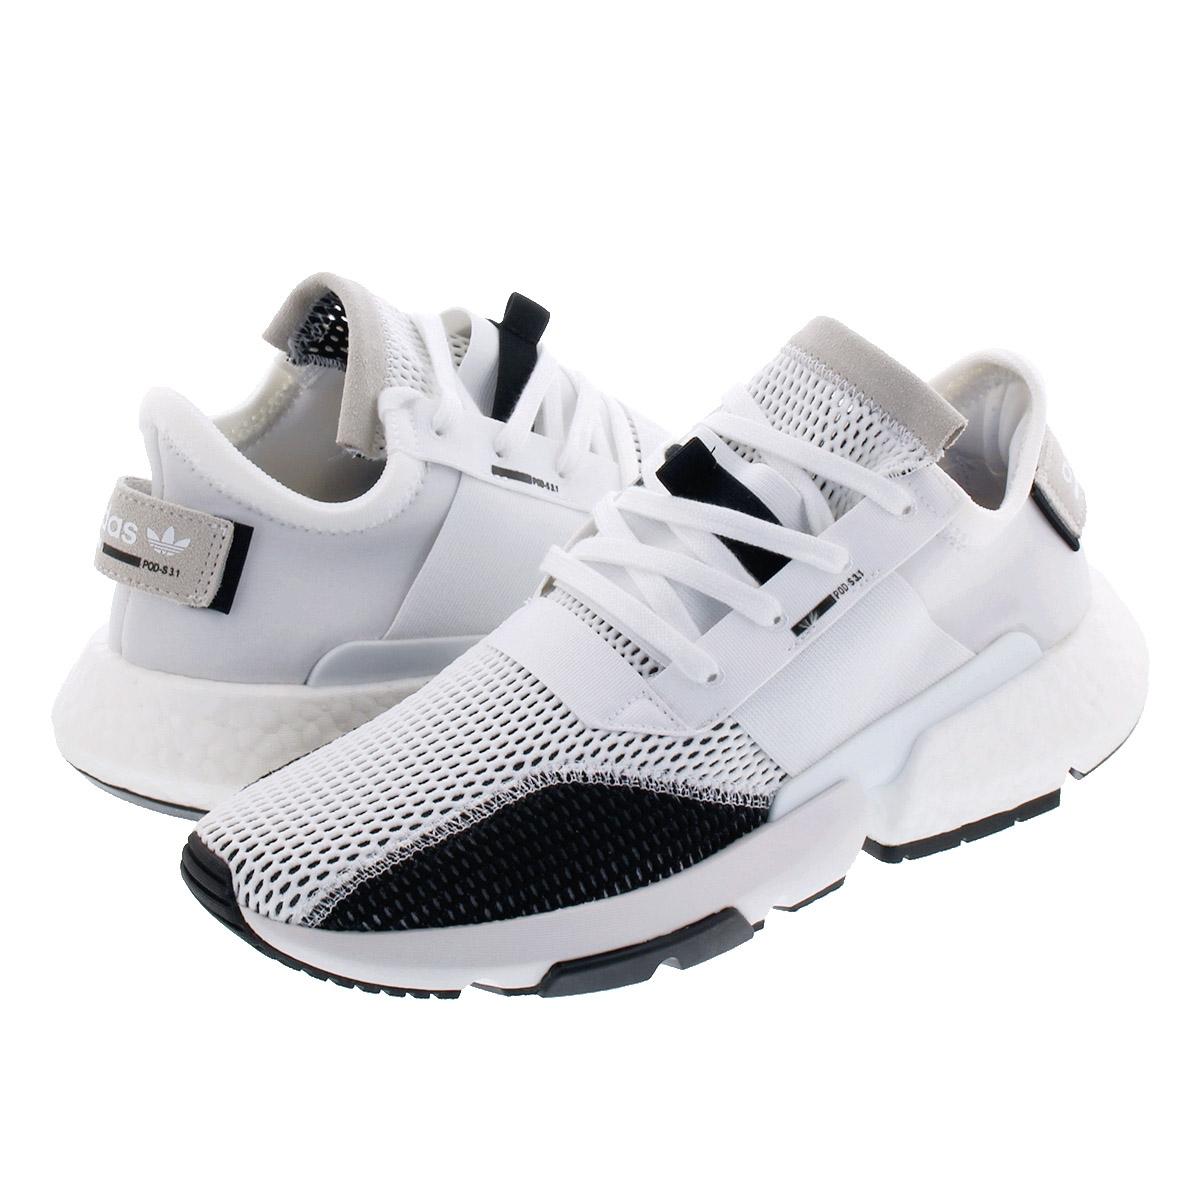 【毎日がお得!値下げプライス】 adidas POD-S3.1 アディダス POD-S3.1 RUNNING WHITE/RUNNING WHITE/CORE BLACK db2929